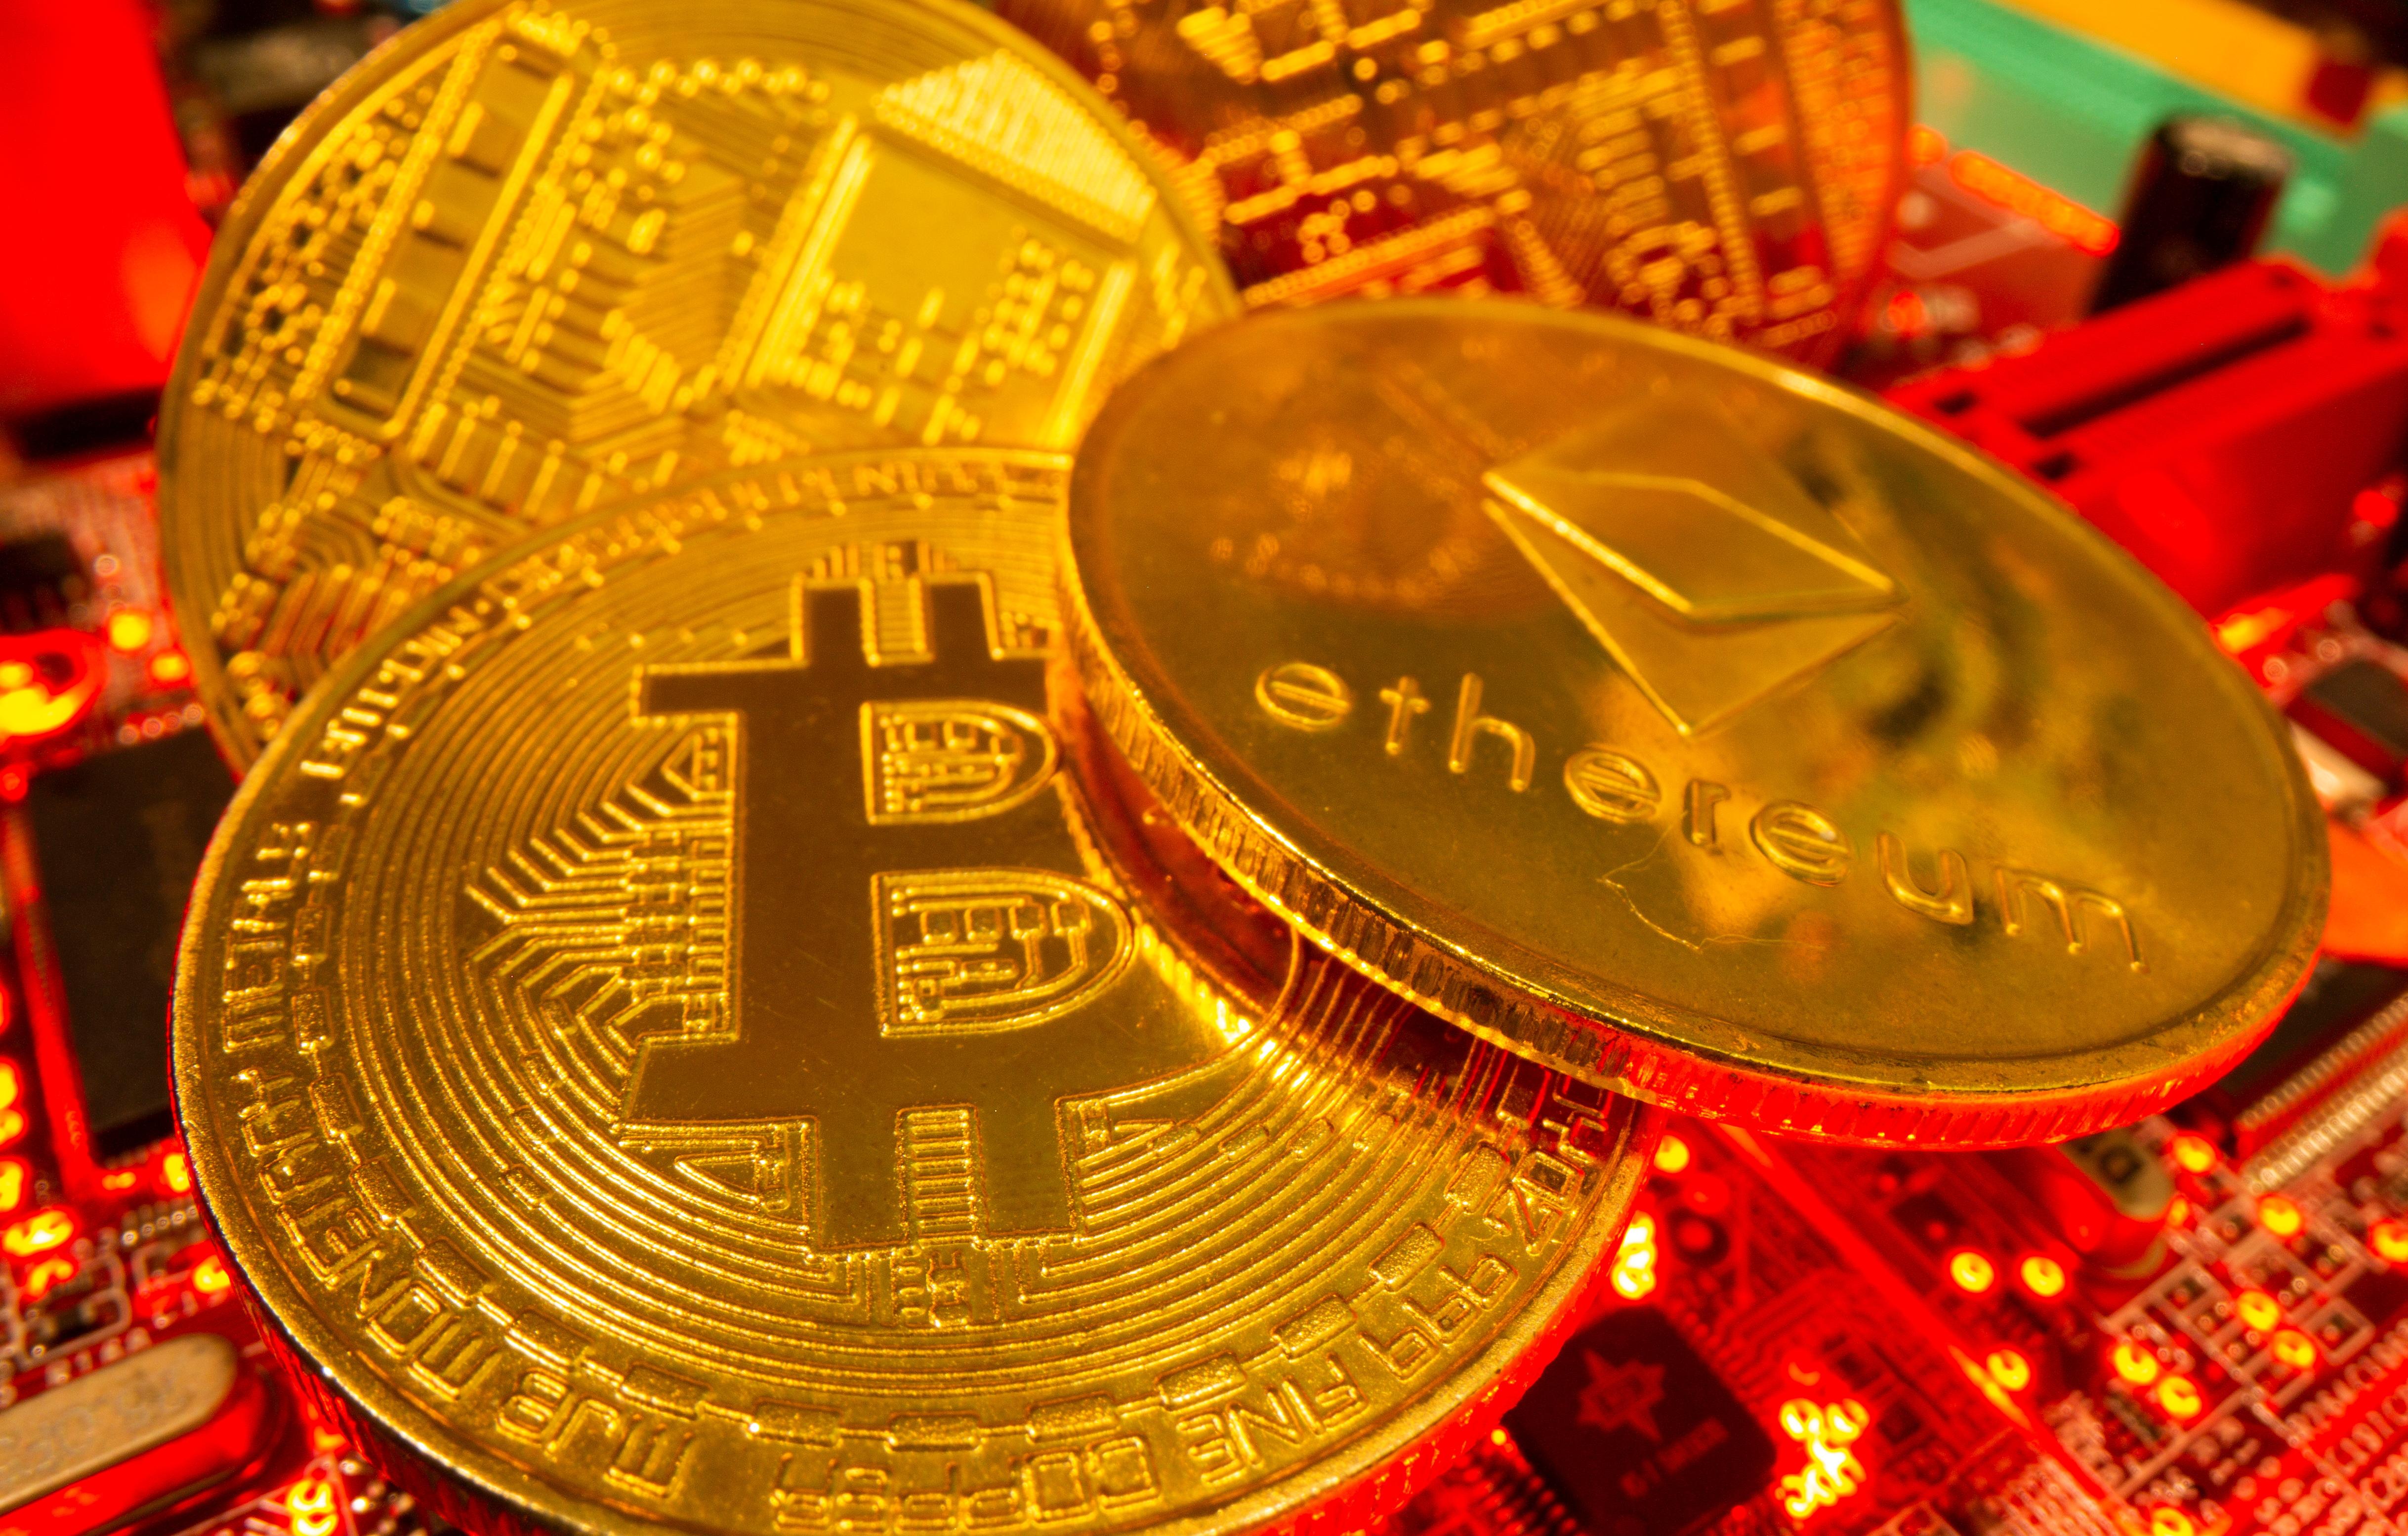 gali prisijungti prie btc rinkų ar bitcoin rinkos visada atidarytos